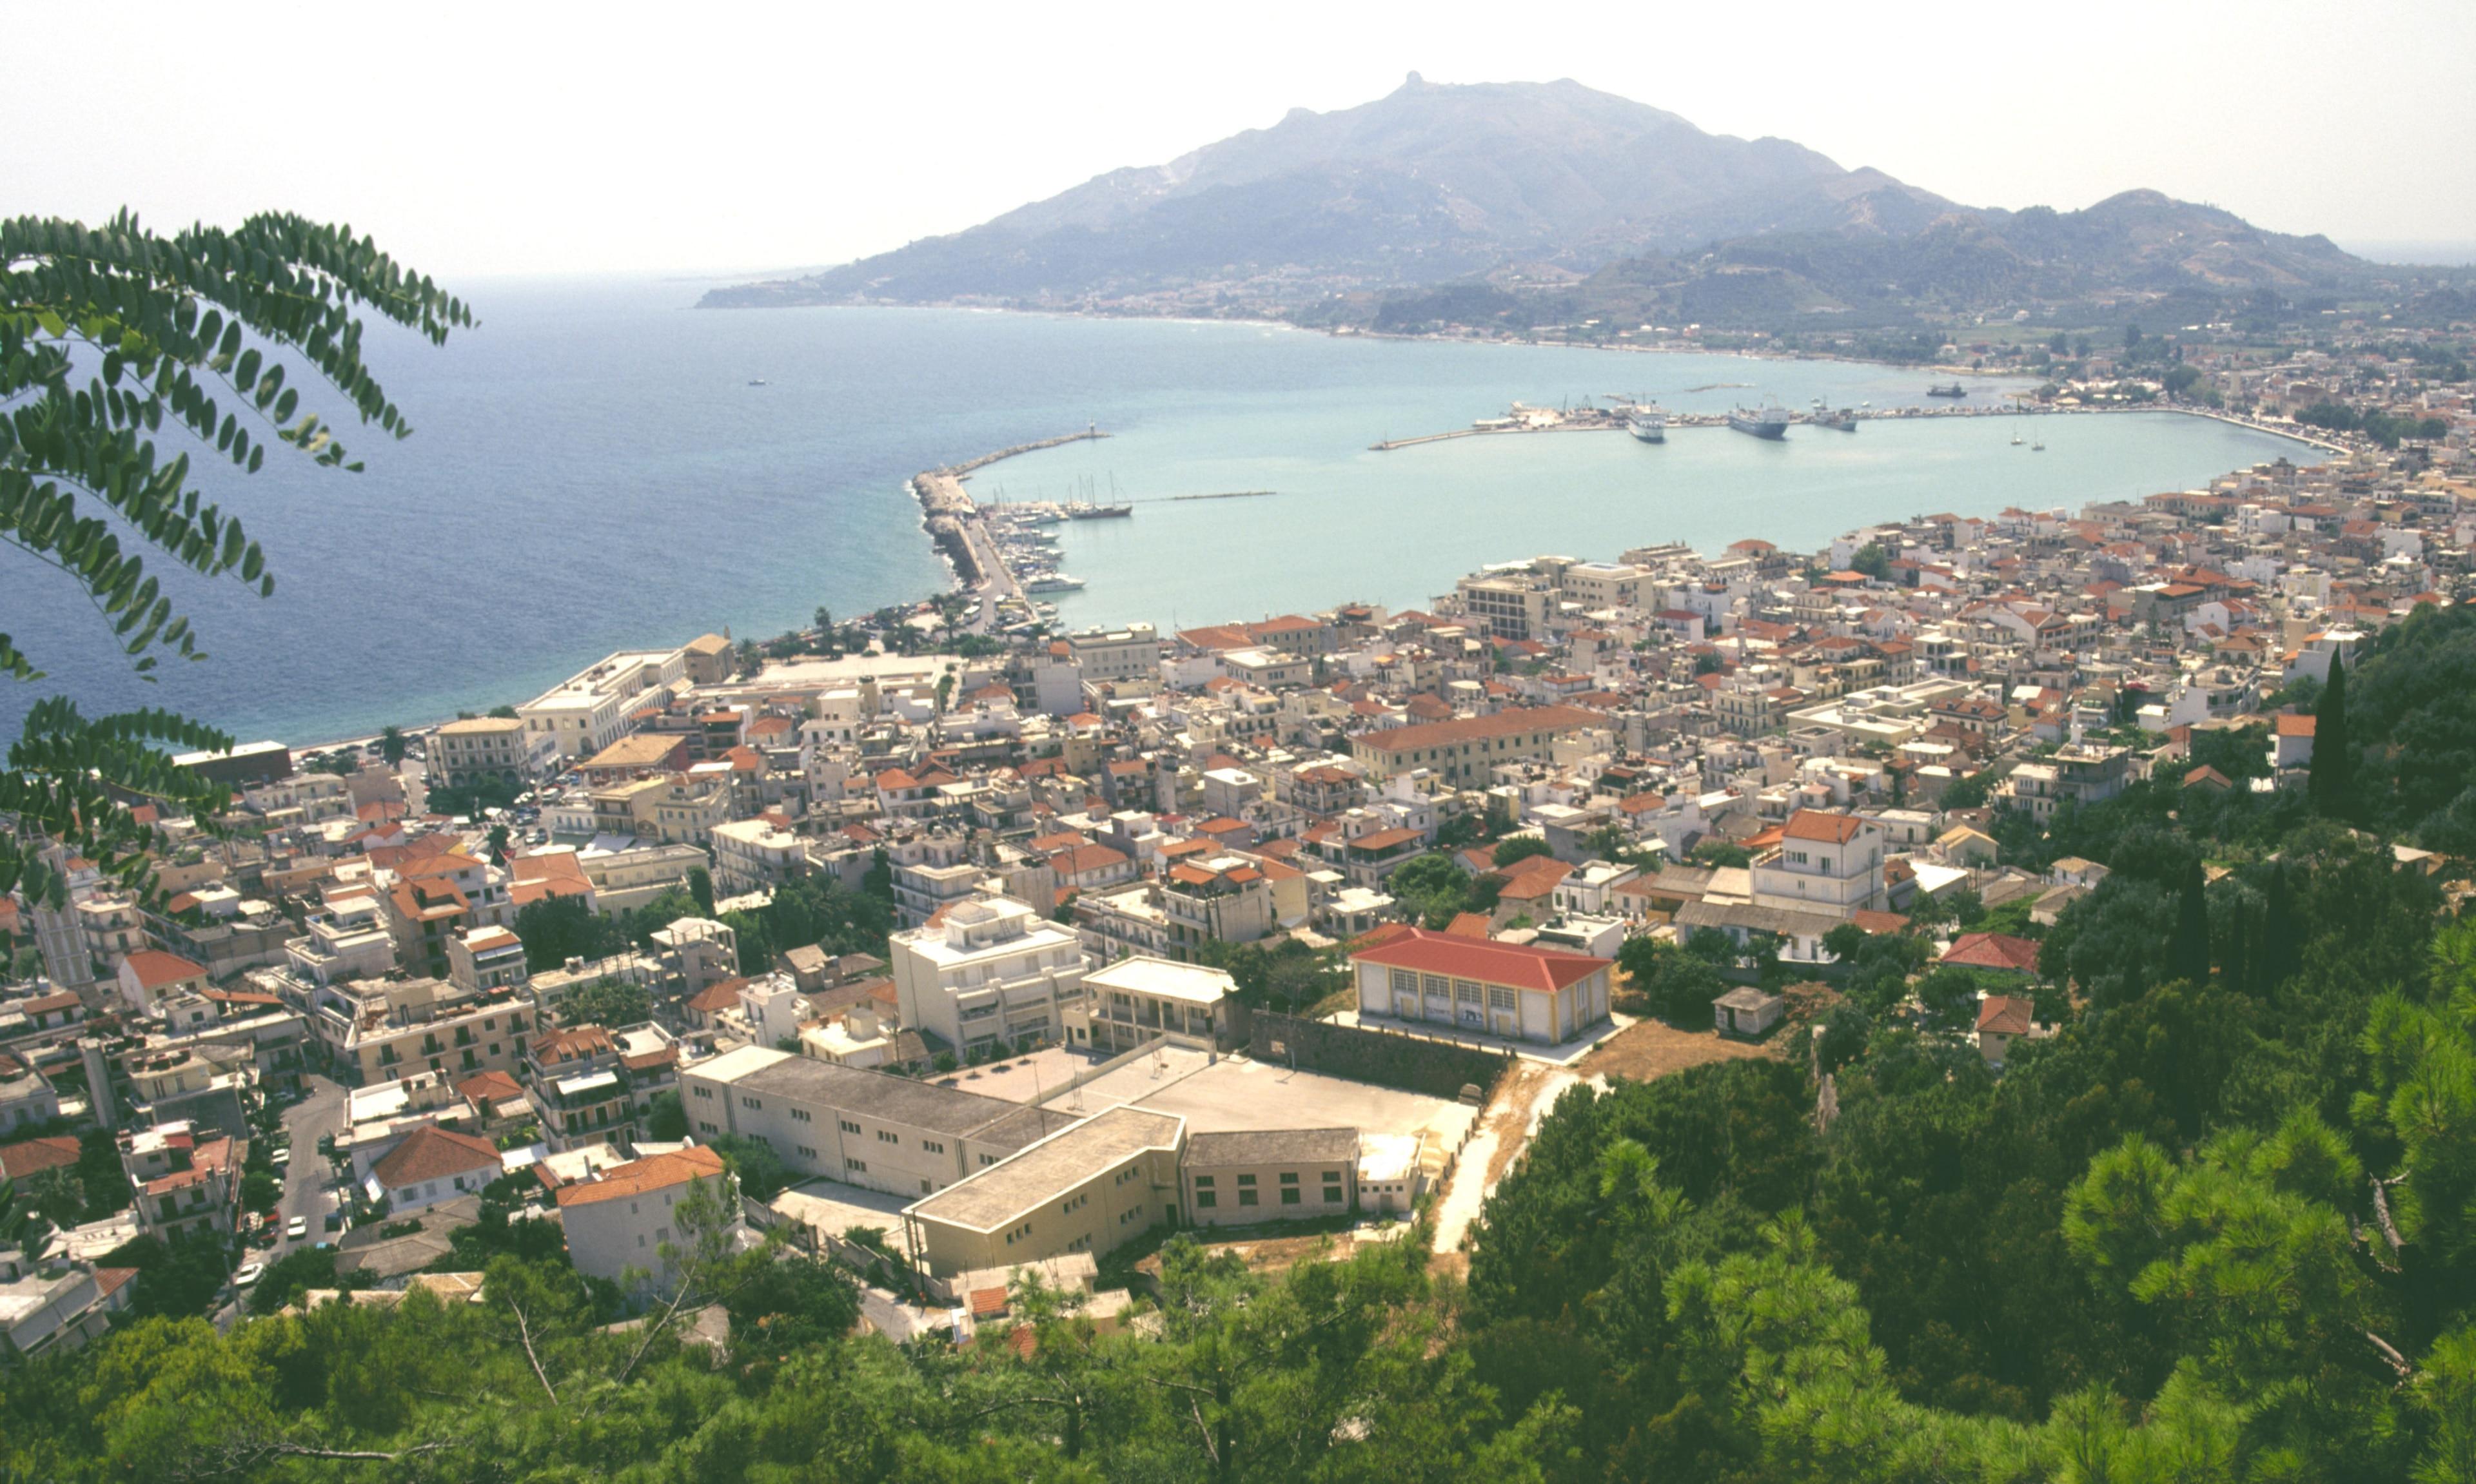 Zante, Isole Ionie, Grecia